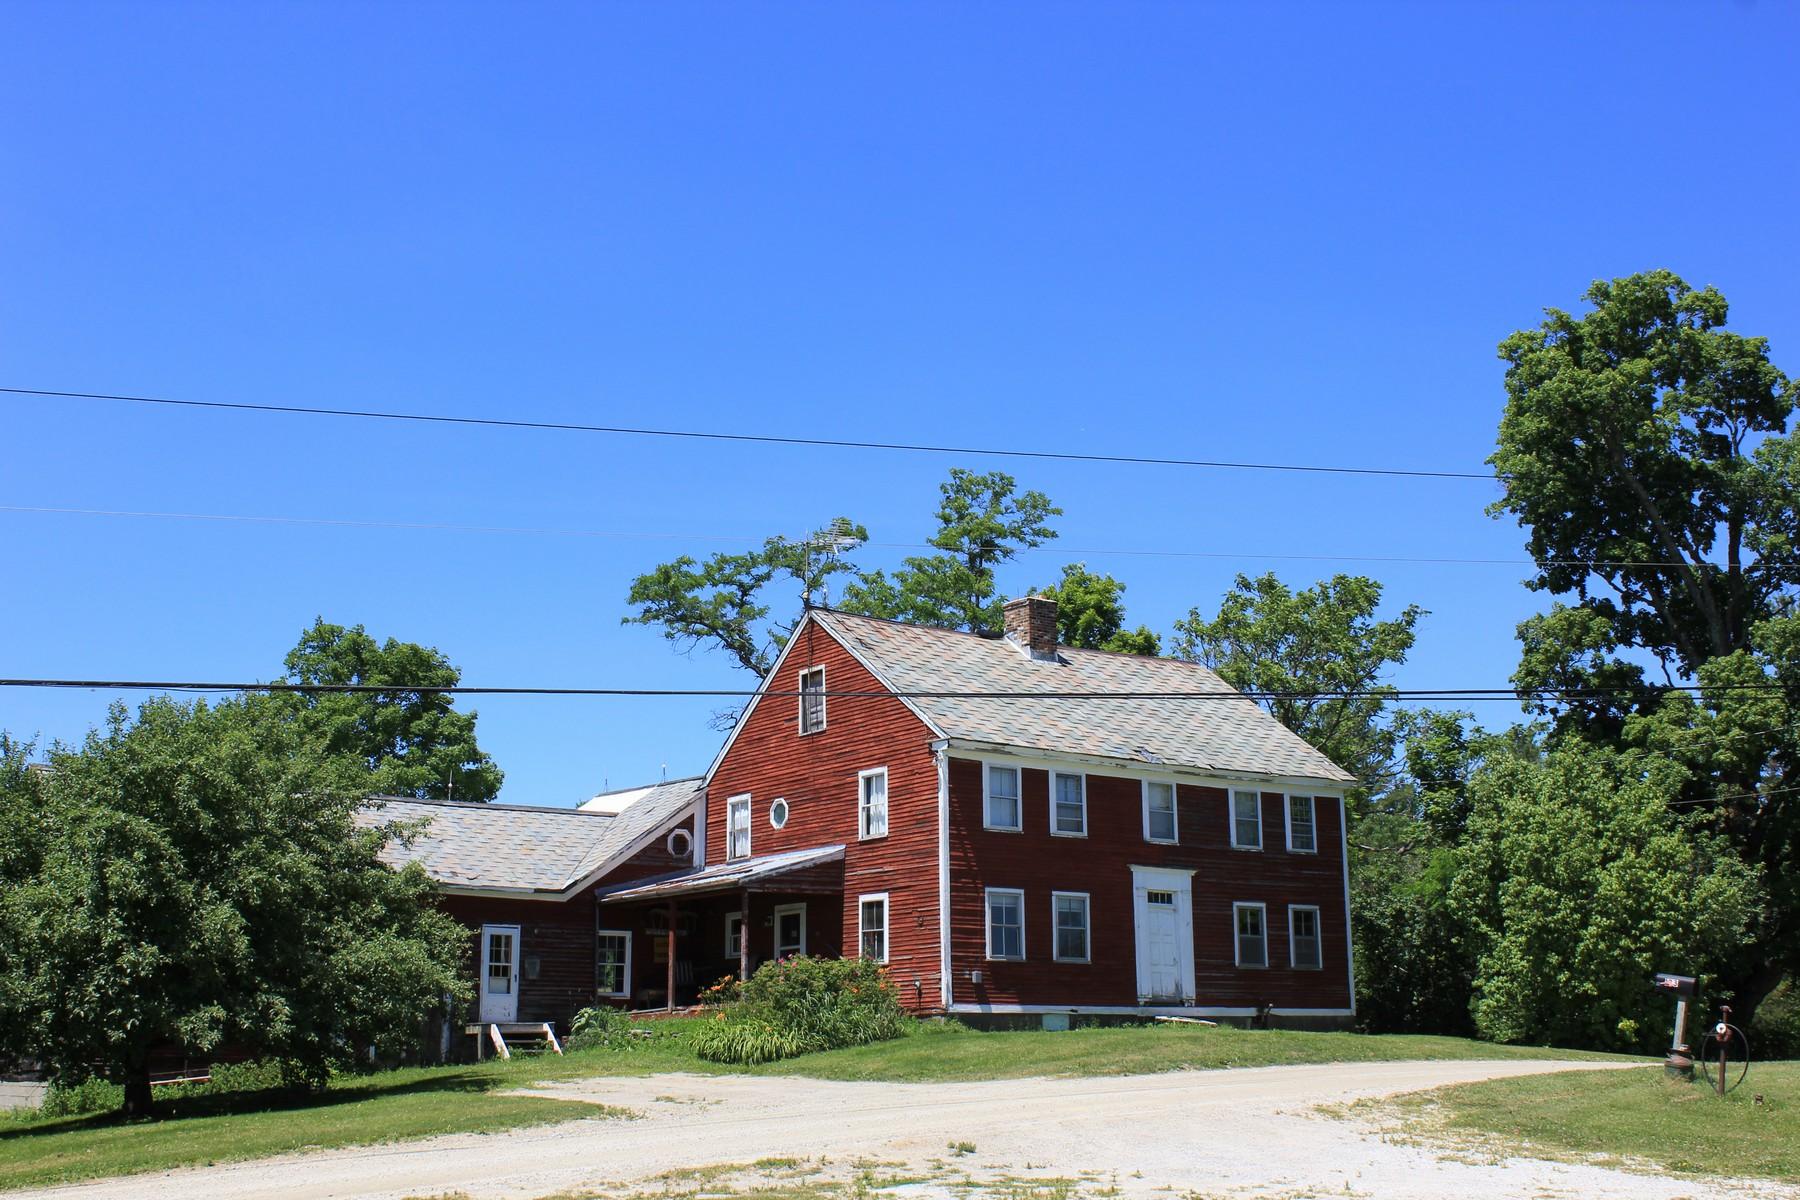 Villa per Vendita alle ore 1800 Farm House 123 Holden Hill Rd Weston, Vermont, 05161 Stati Uniti